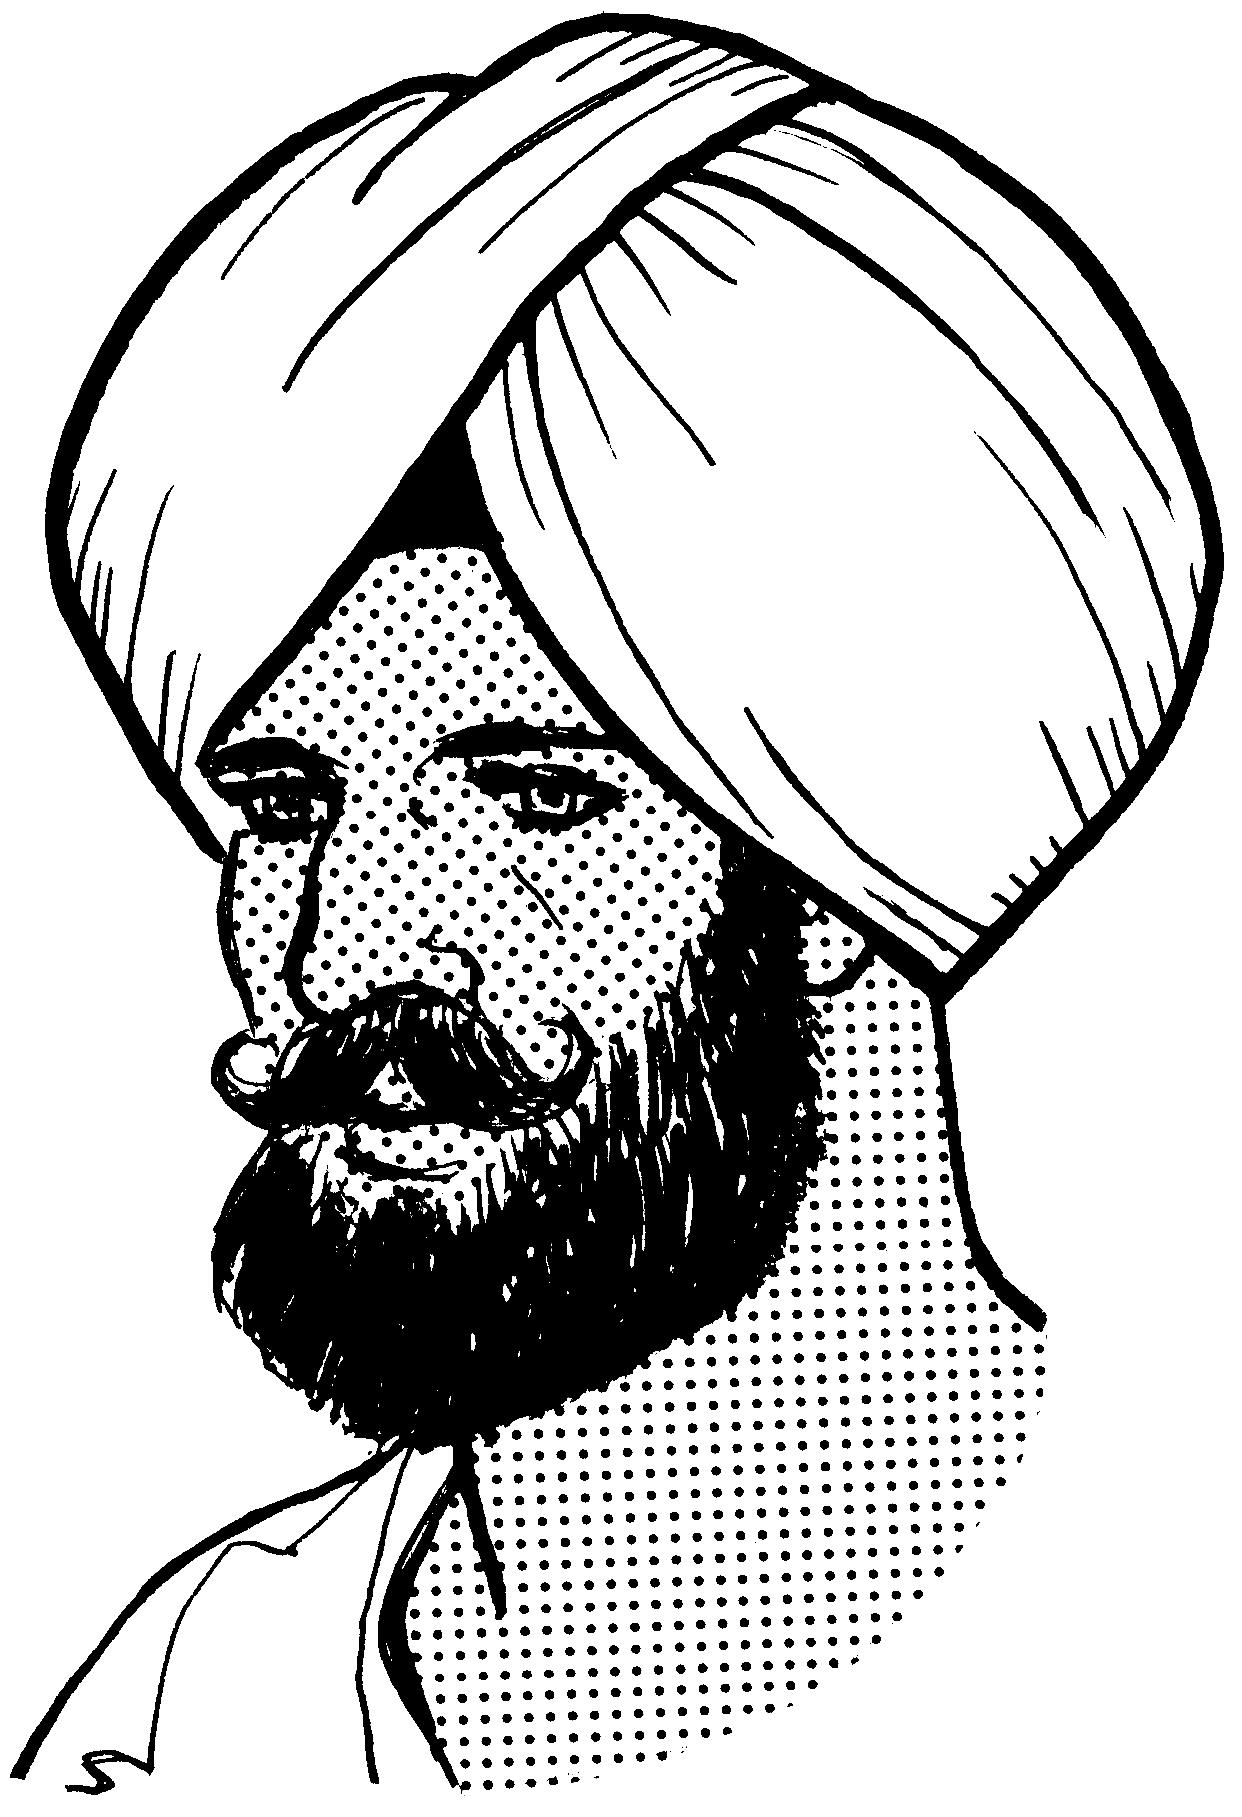 Sikh Turban PNG Transparent Sikh Turban.PNG Images.  237f26e0cc6